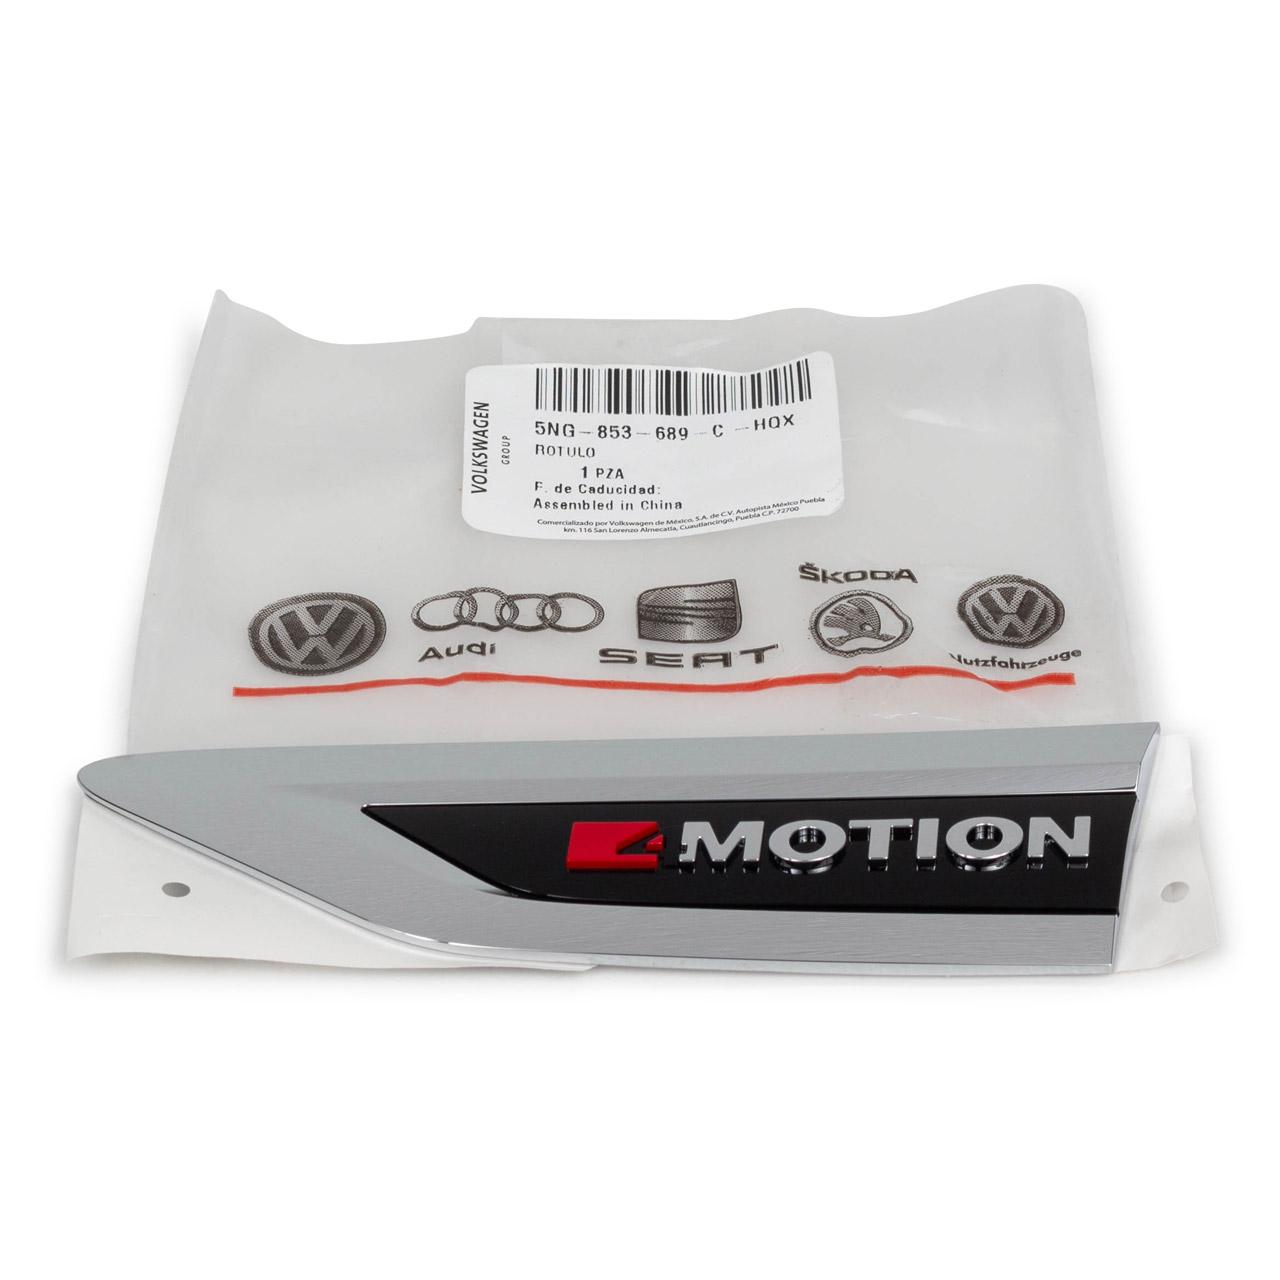 ORIGINAL VW Emblem Schriftzug 4Motion Tiguan Allspace links 5NG853689C HQX